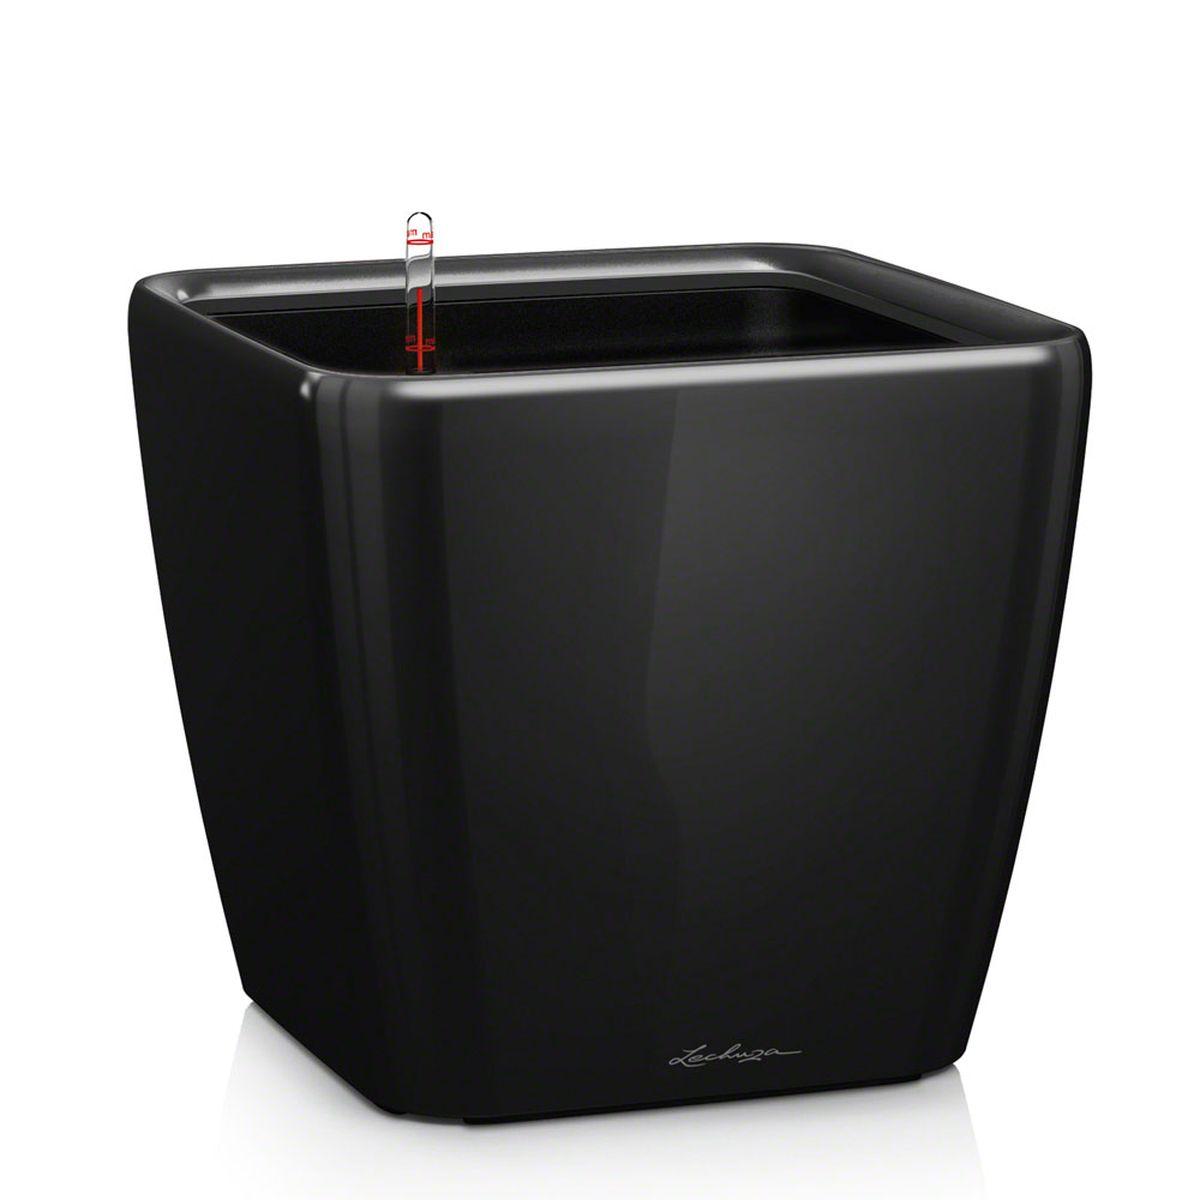 Кашпо Lechuza Quadro, с системой автополива, цвет: черный, 28 х 28 х 26 см13130Кашпо Lechuza Quadro, выполненное из высококачественного пластика, имеет уникальную систему автополива, благодаря которой корневая система растения непрерывно снабжается влагой из резервуара. Уровень воды в резервуаре контролируется с помощью специального индикатора. В зависимости от размера кашпо и растения воды хватает на 2-12 недель. Это способствует хорошему росту цветов и предотвращает переувлажнение.В набор входит: кашпо, внутренний горшок с выдвижной эргономичной ручкой, индикатор уровня воды, вал подачи воды, субстрат растений в качестве дренажного слоя, резервуар для воды.Кашпо Lechuza Quadro прекрасно впишется в любой интерьер. Оно поможет расставить нужные акценты, а также придаст помещению вид, соответствующий вашим представлениям.